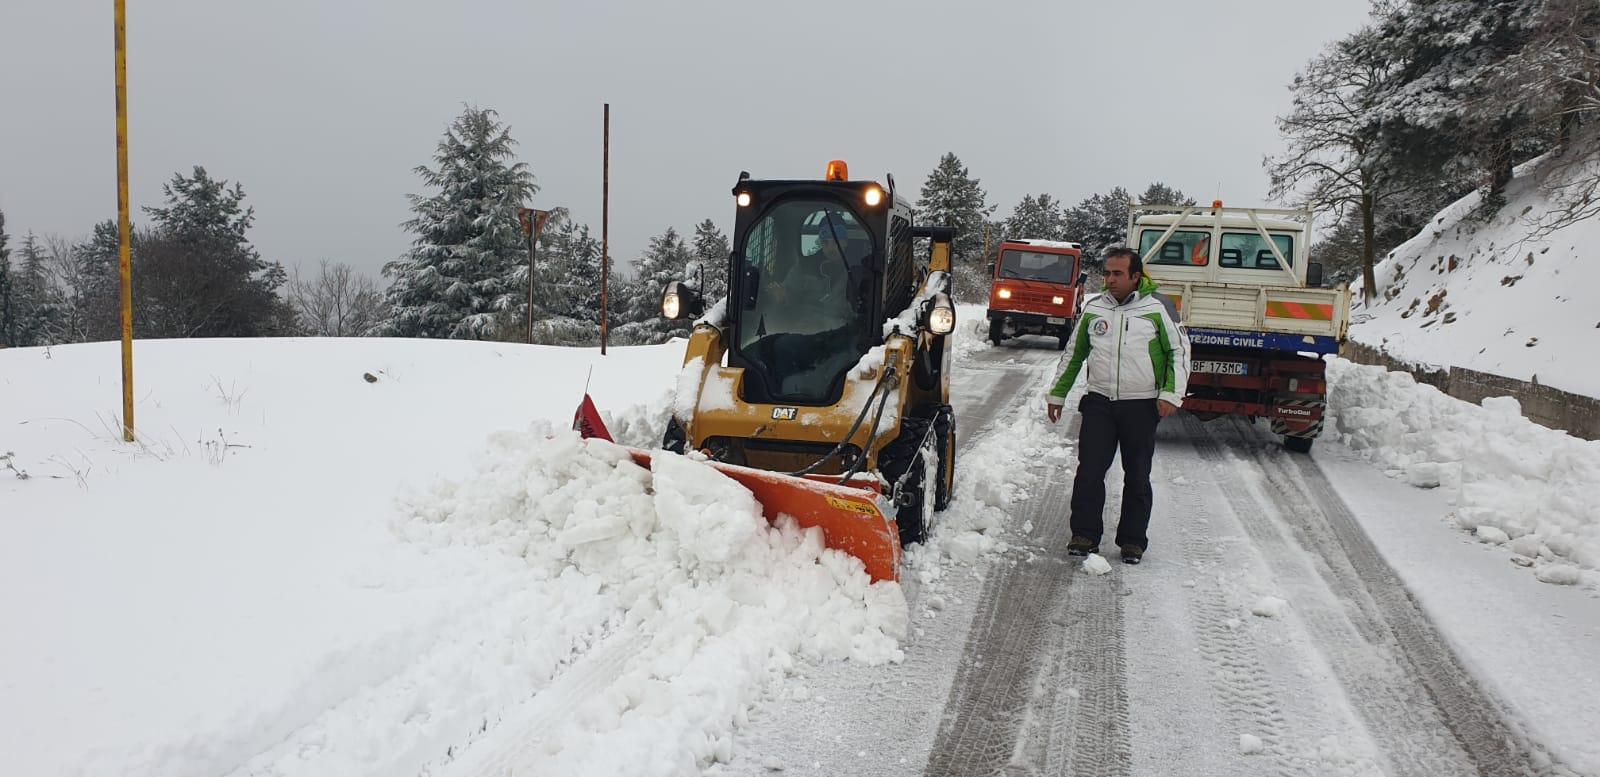 Nevicate e disagi, a Piano Battaglia in azione mezzi spalaneve